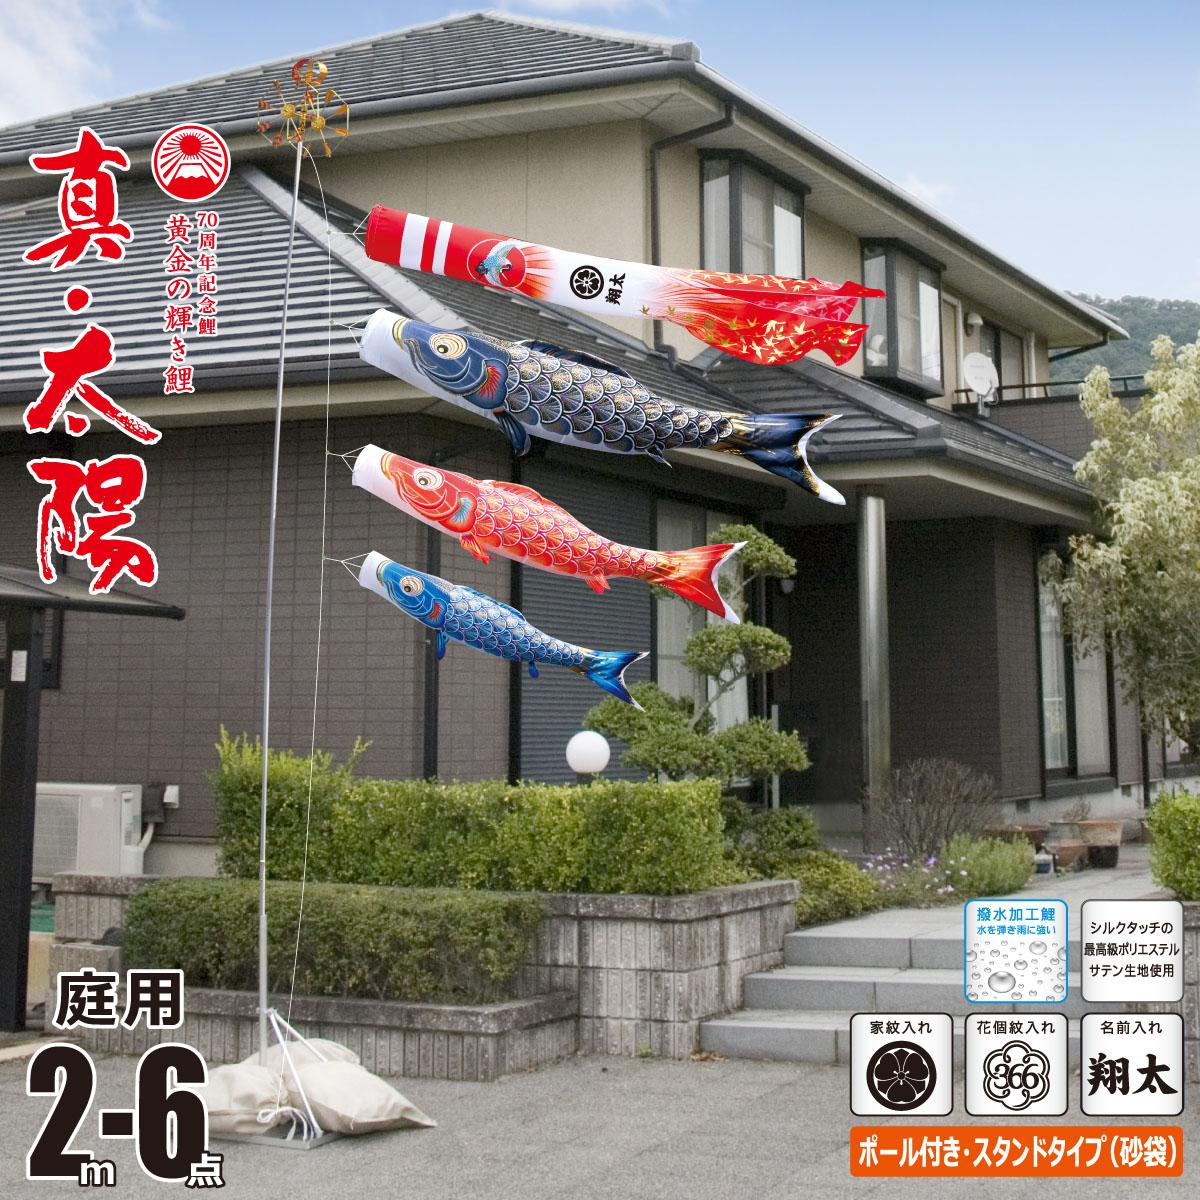 こいのぼり 2m 真・太陽 6点 (矢車、ロープ、吹流し、鯉3匹) 庭園用 スタンドセット (庭用 スタンド 砂袋3枚入り) 徳永鯉のぼり KIT-003-788